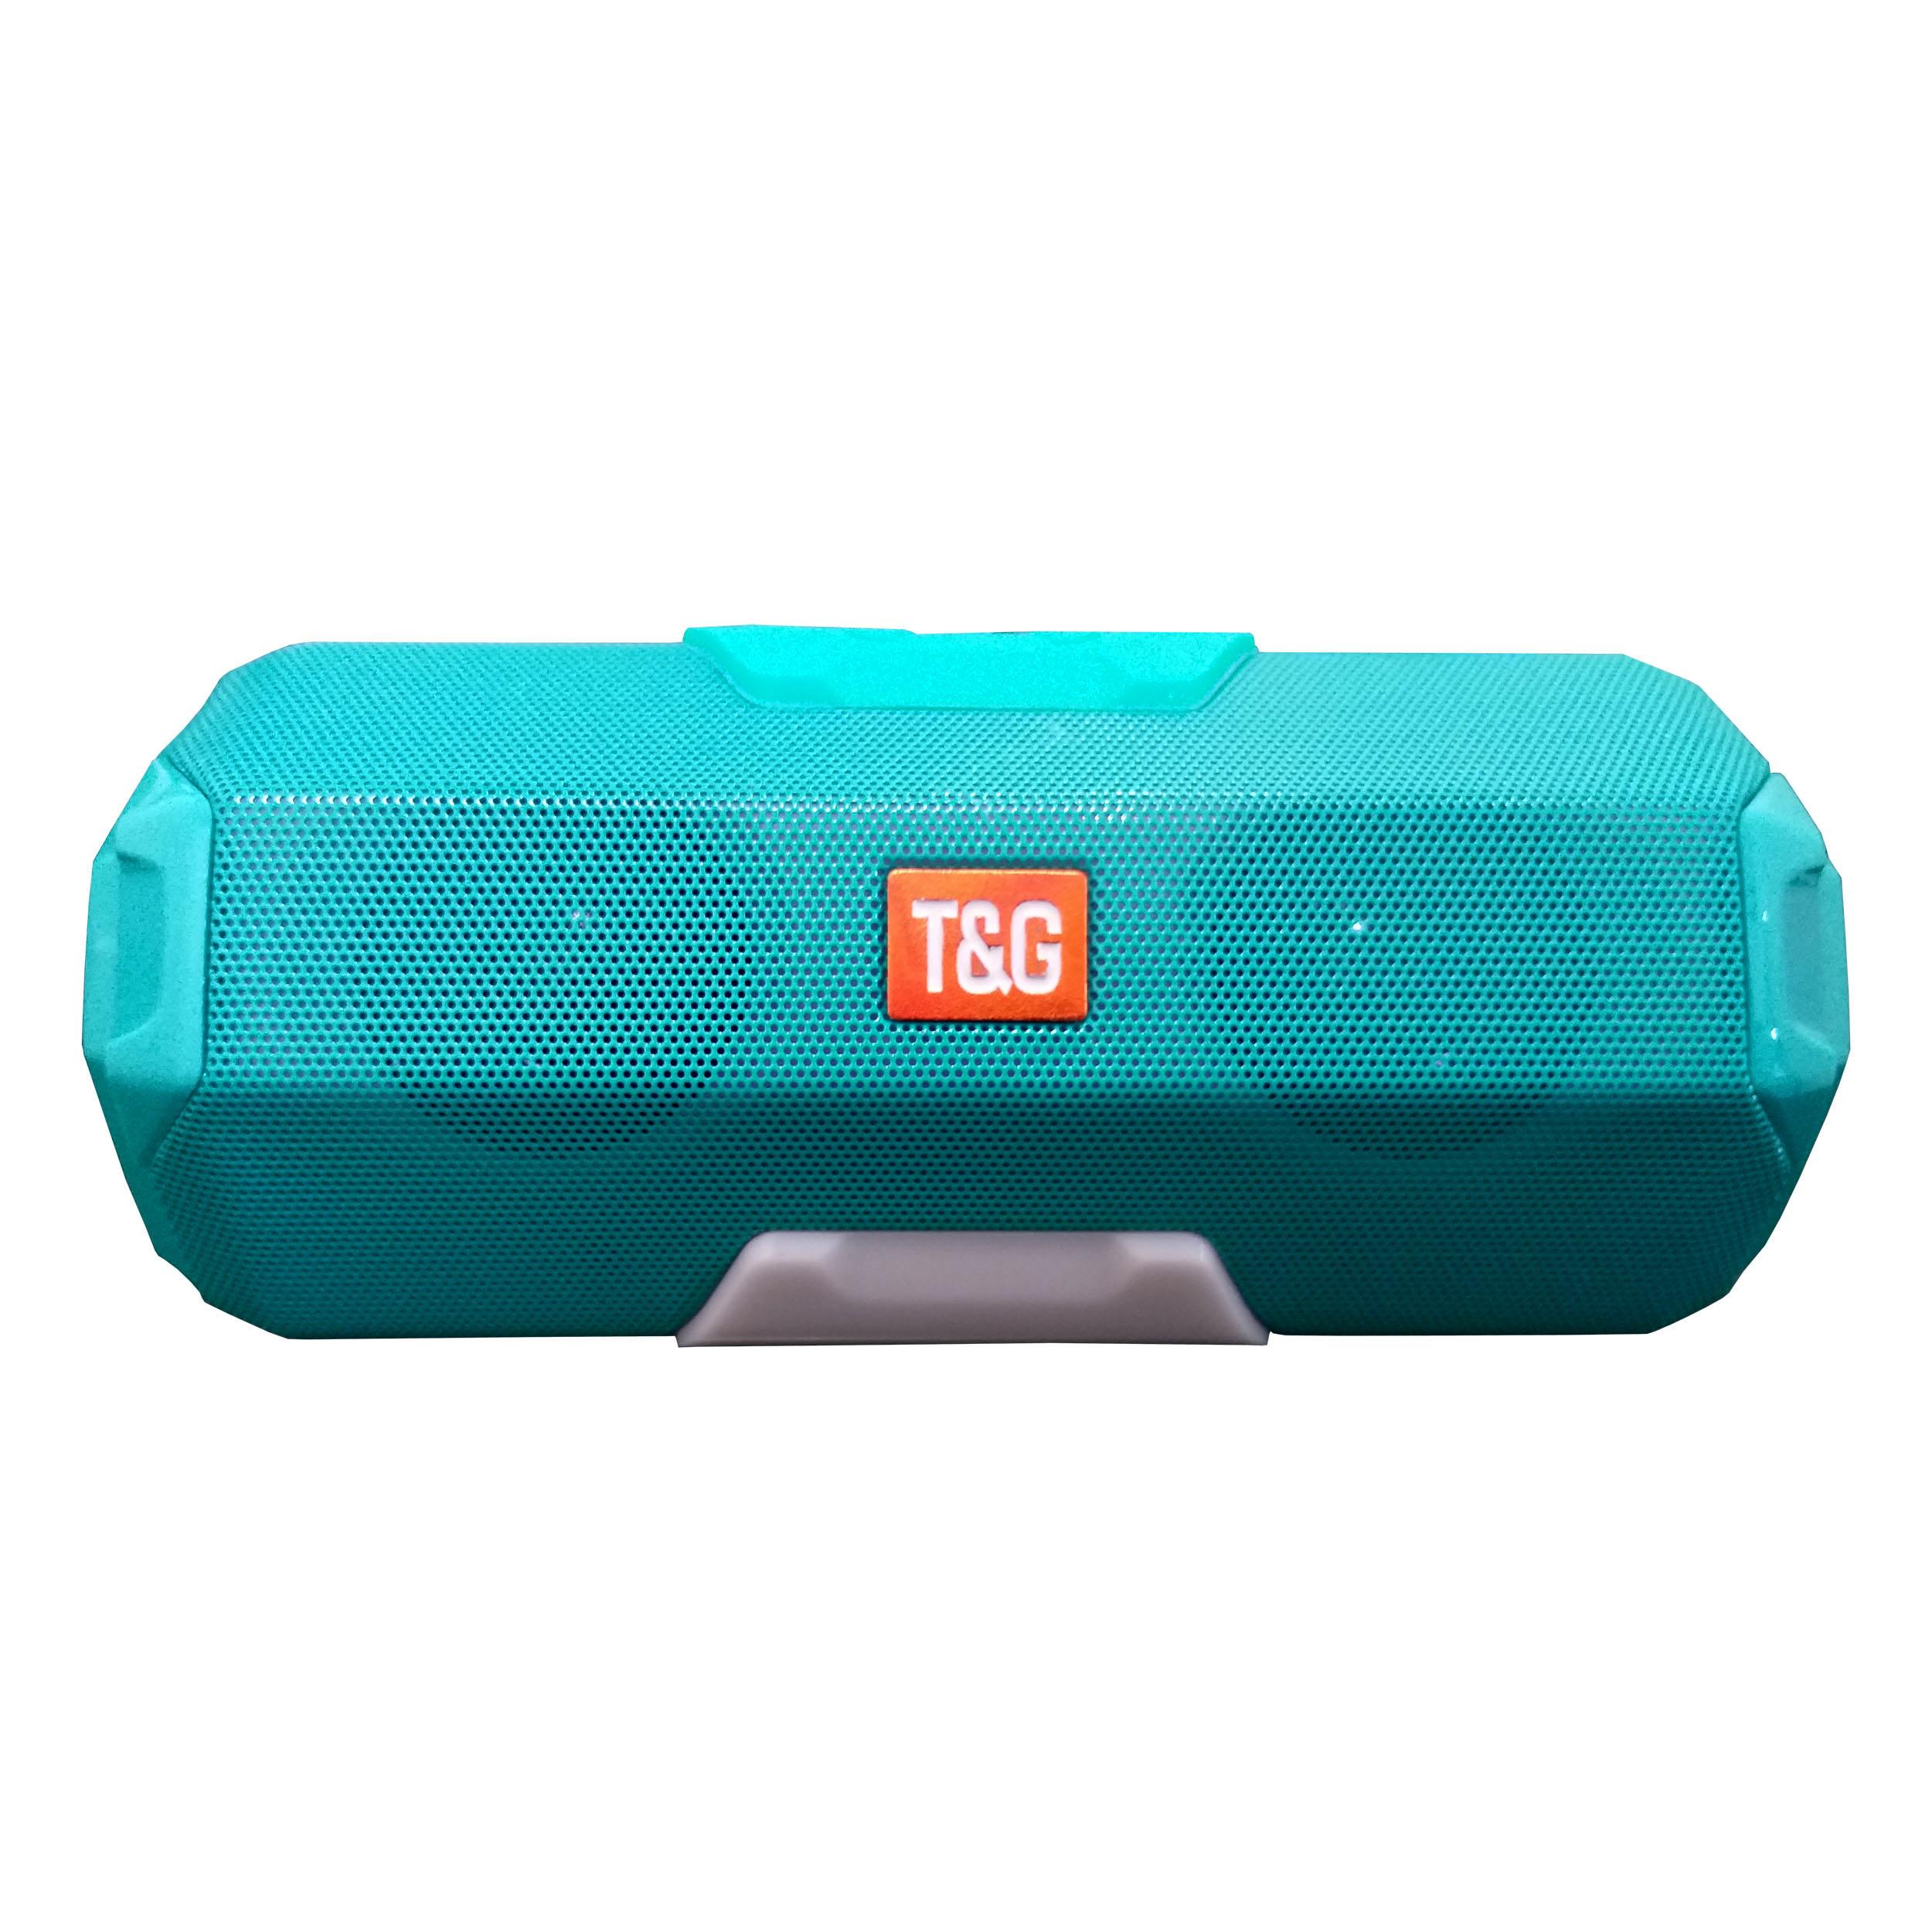 بررسی و {خرید با تخفیف}                                     اسپیکر بلوتوثی قابل حمل تی اند جی مدل TG-143                             اصل